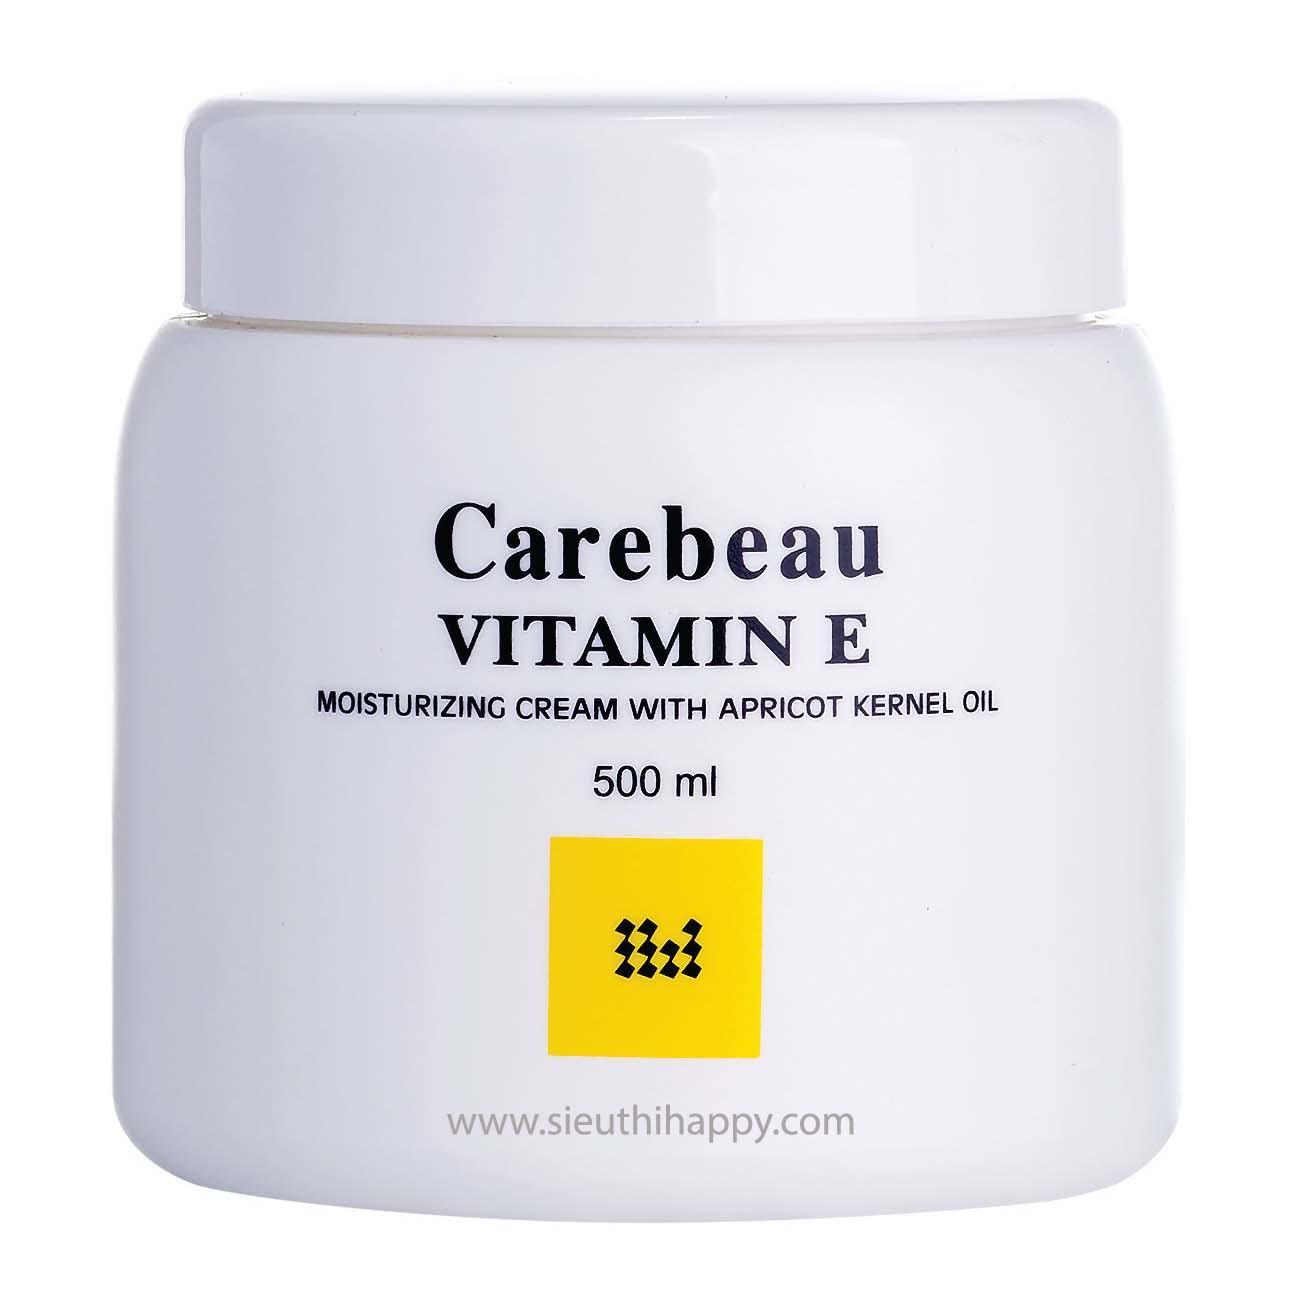 Kem dưỡng da toàn thân Carebeau Body Cream Viatmin E  500ml Thái Lan tốt nhất